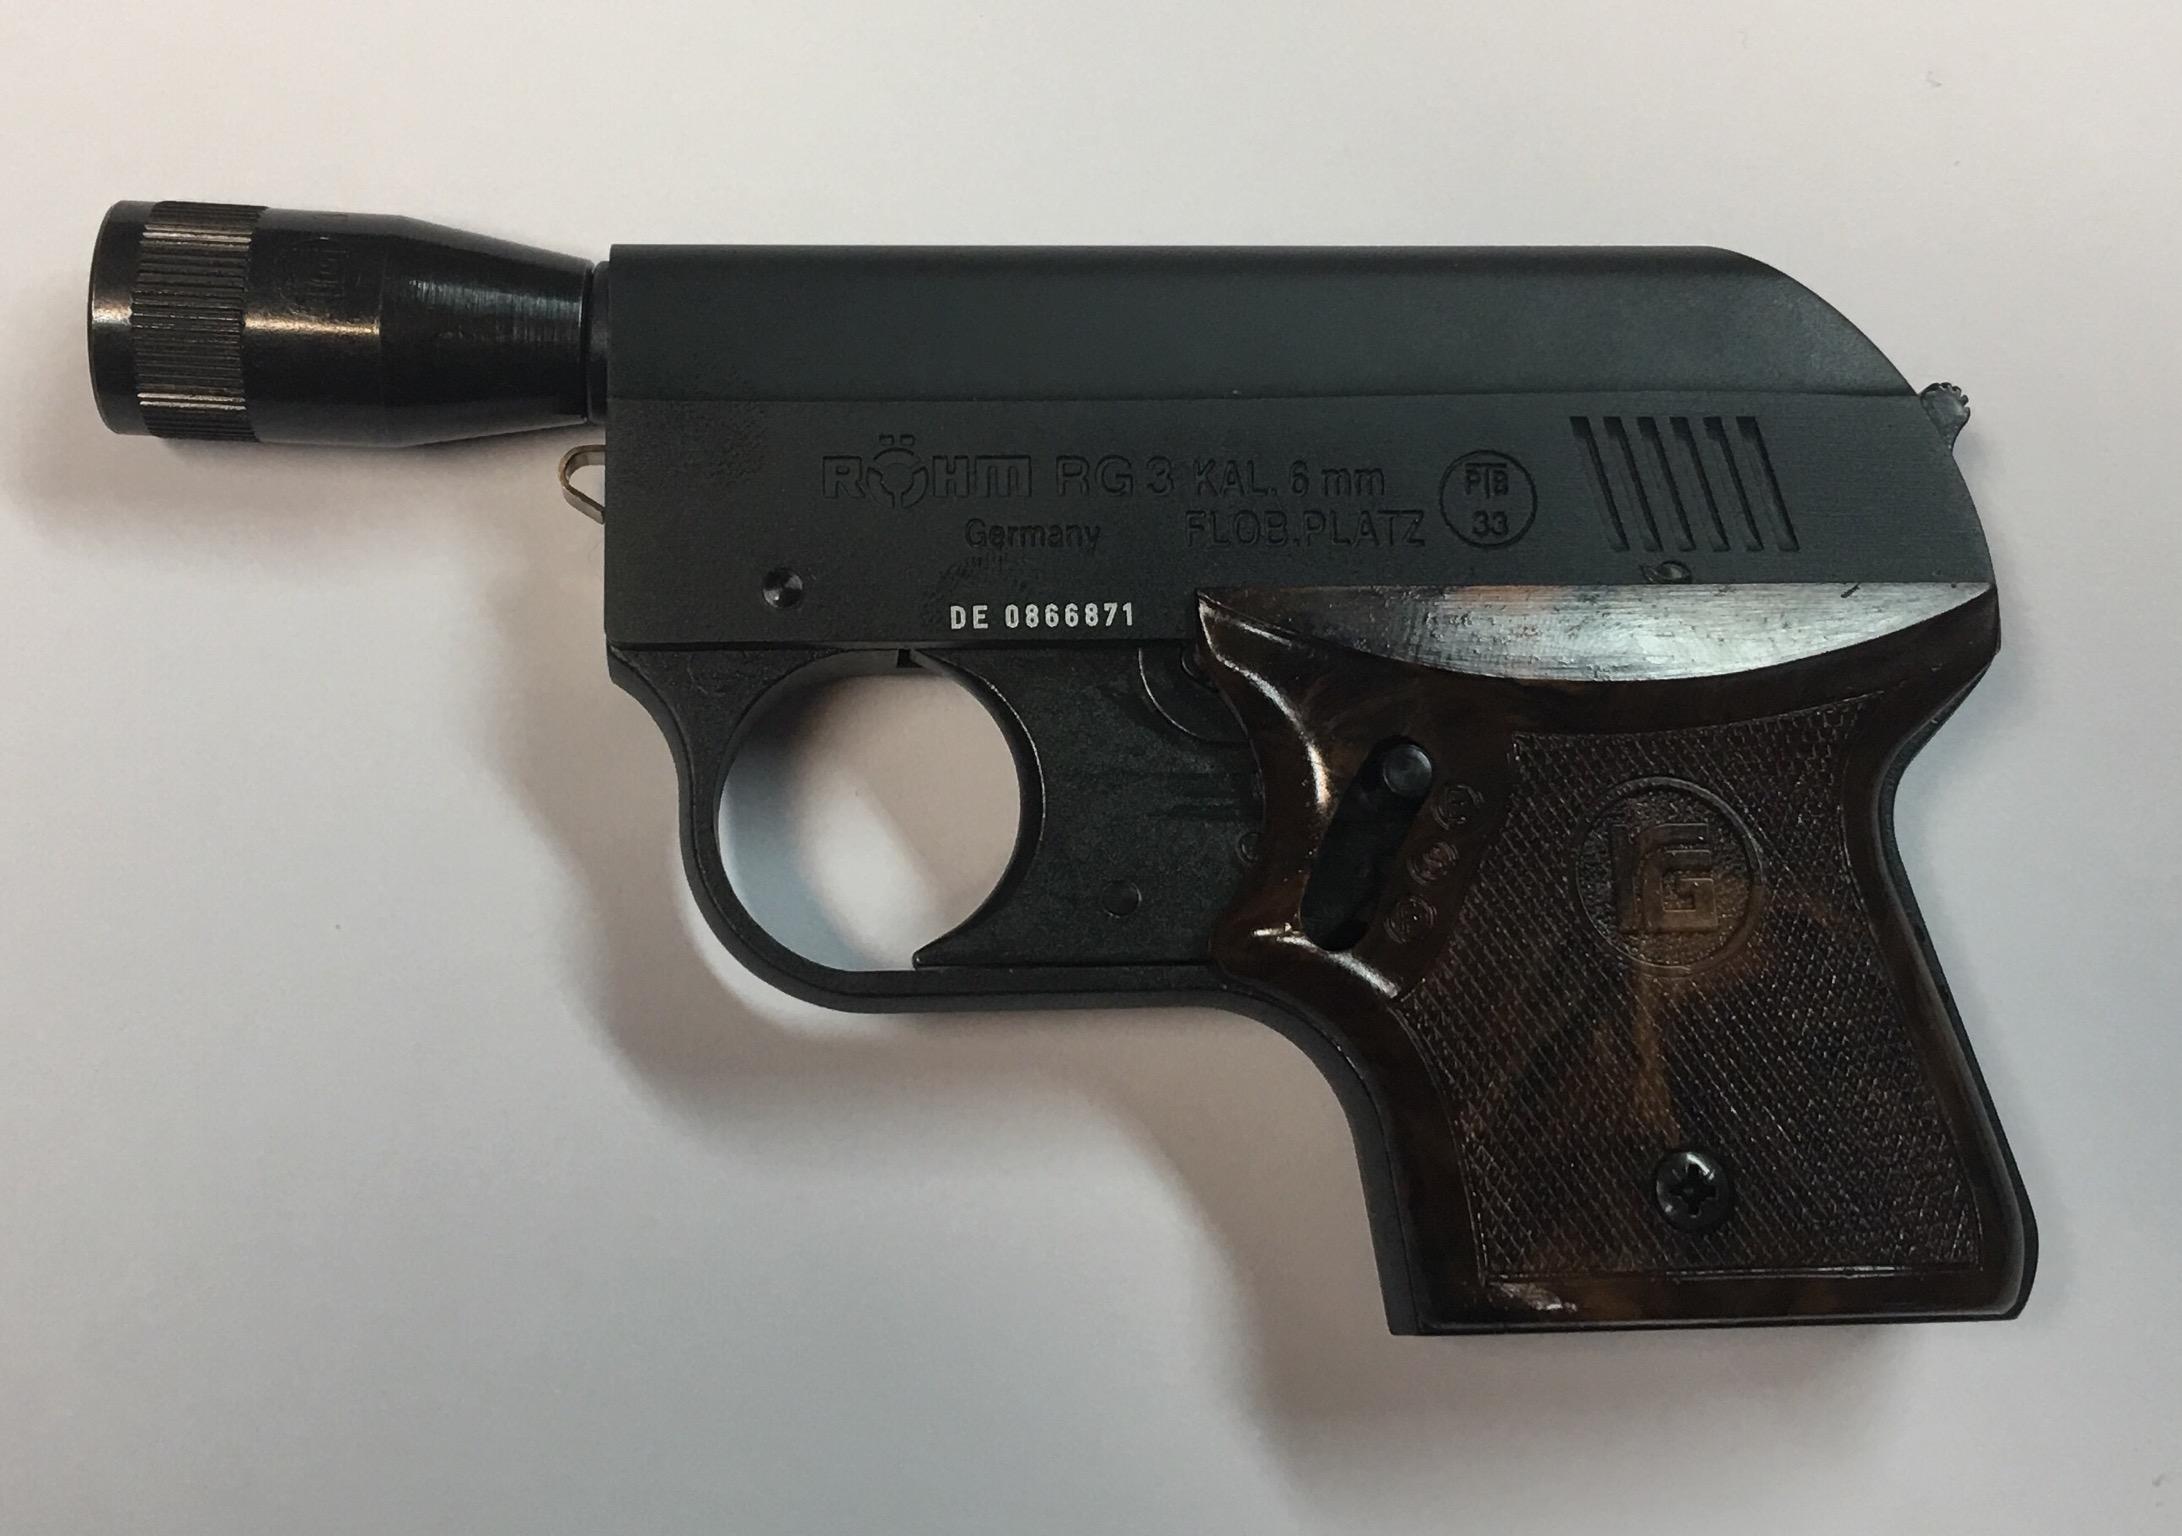 Die Signalpistole Rhöm RG3 schont die Ohren des Schützen und ist nicht so laut wie jene mit größerem Kaliber